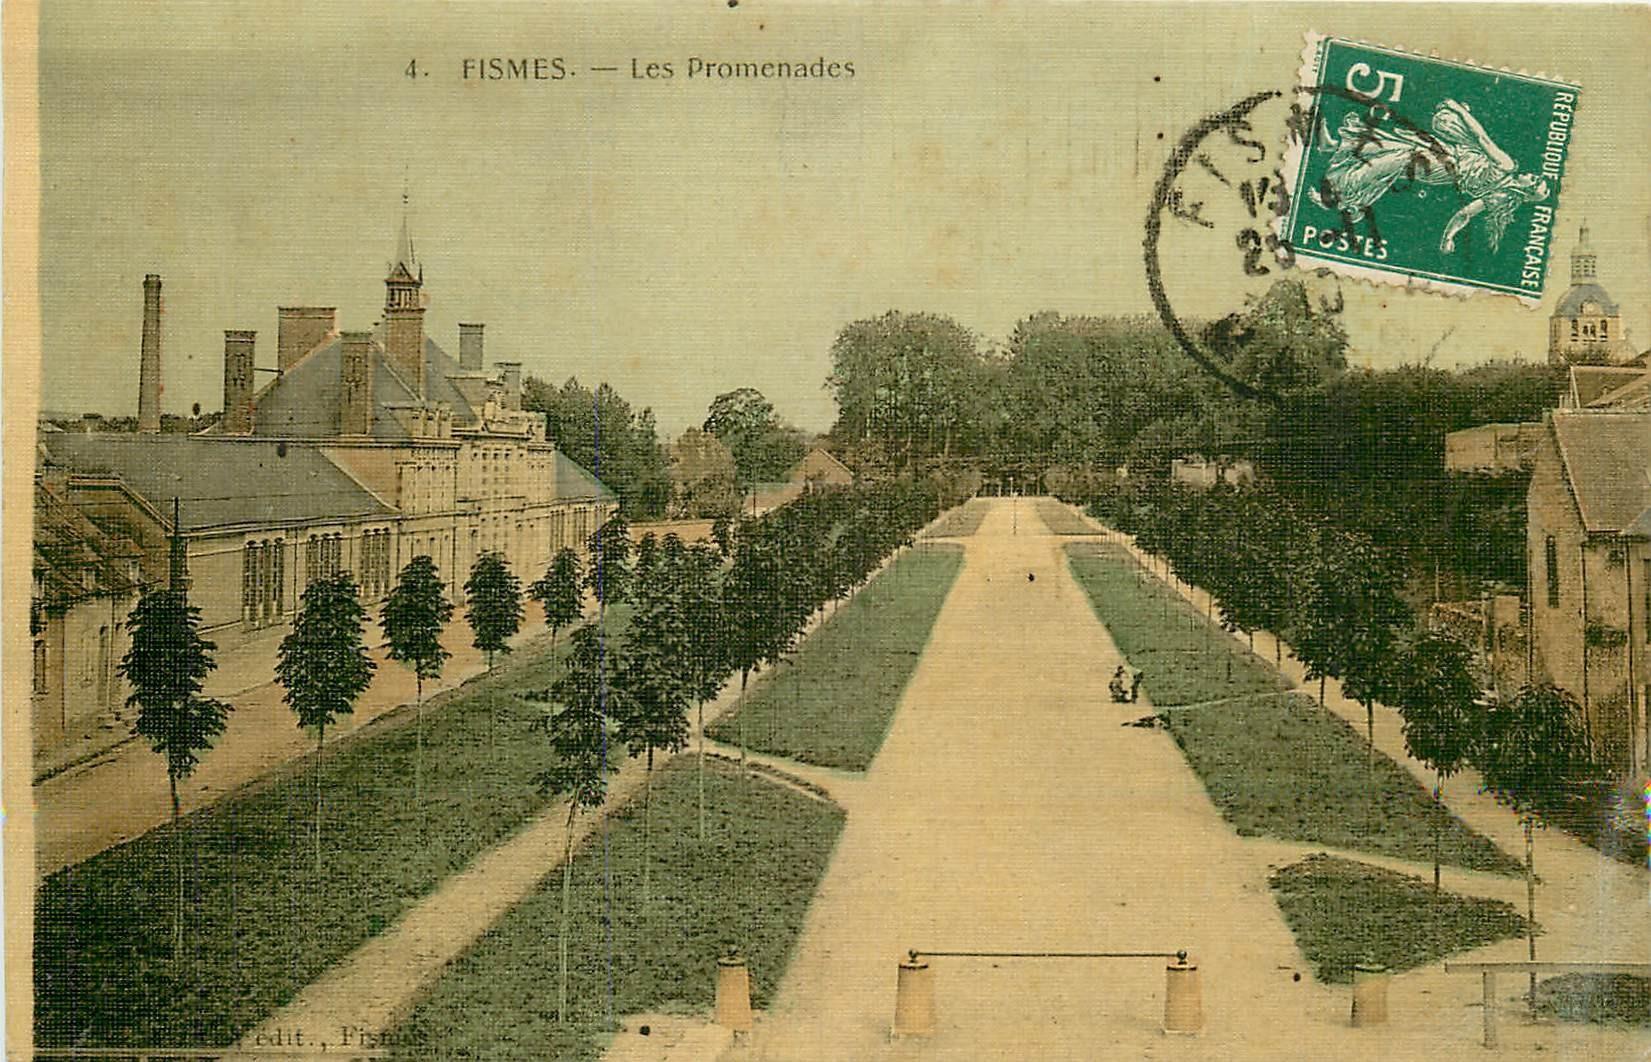 51 FISMES. Les Promenades carte toilée 1910